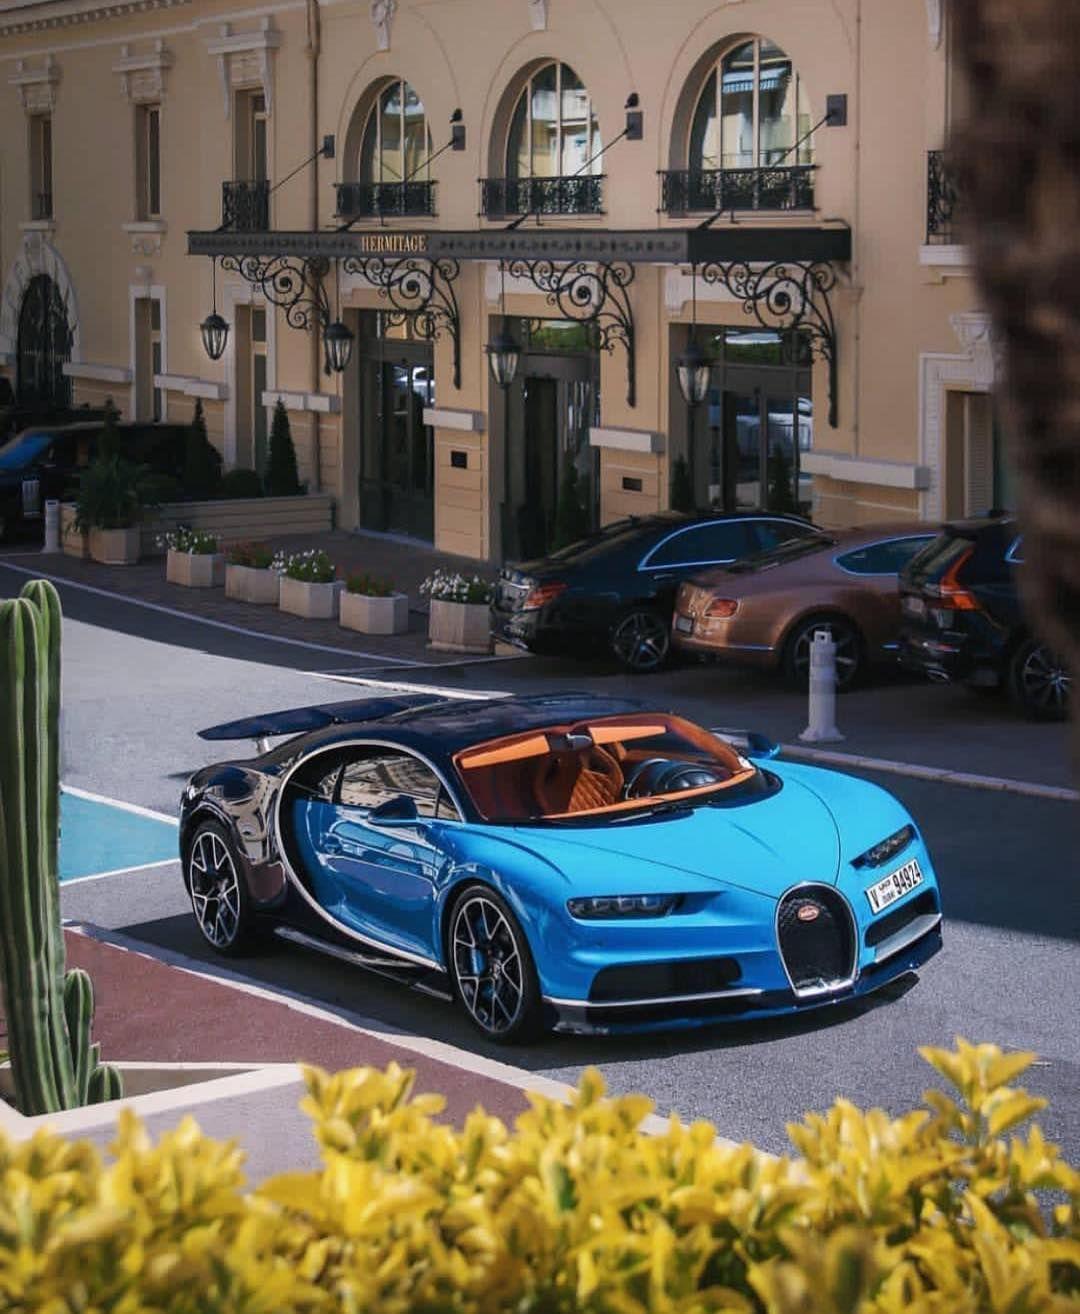 Bugatti Chiron Club Privado Caballeros Bugatti Chiron Bugatti Cars Bugatti